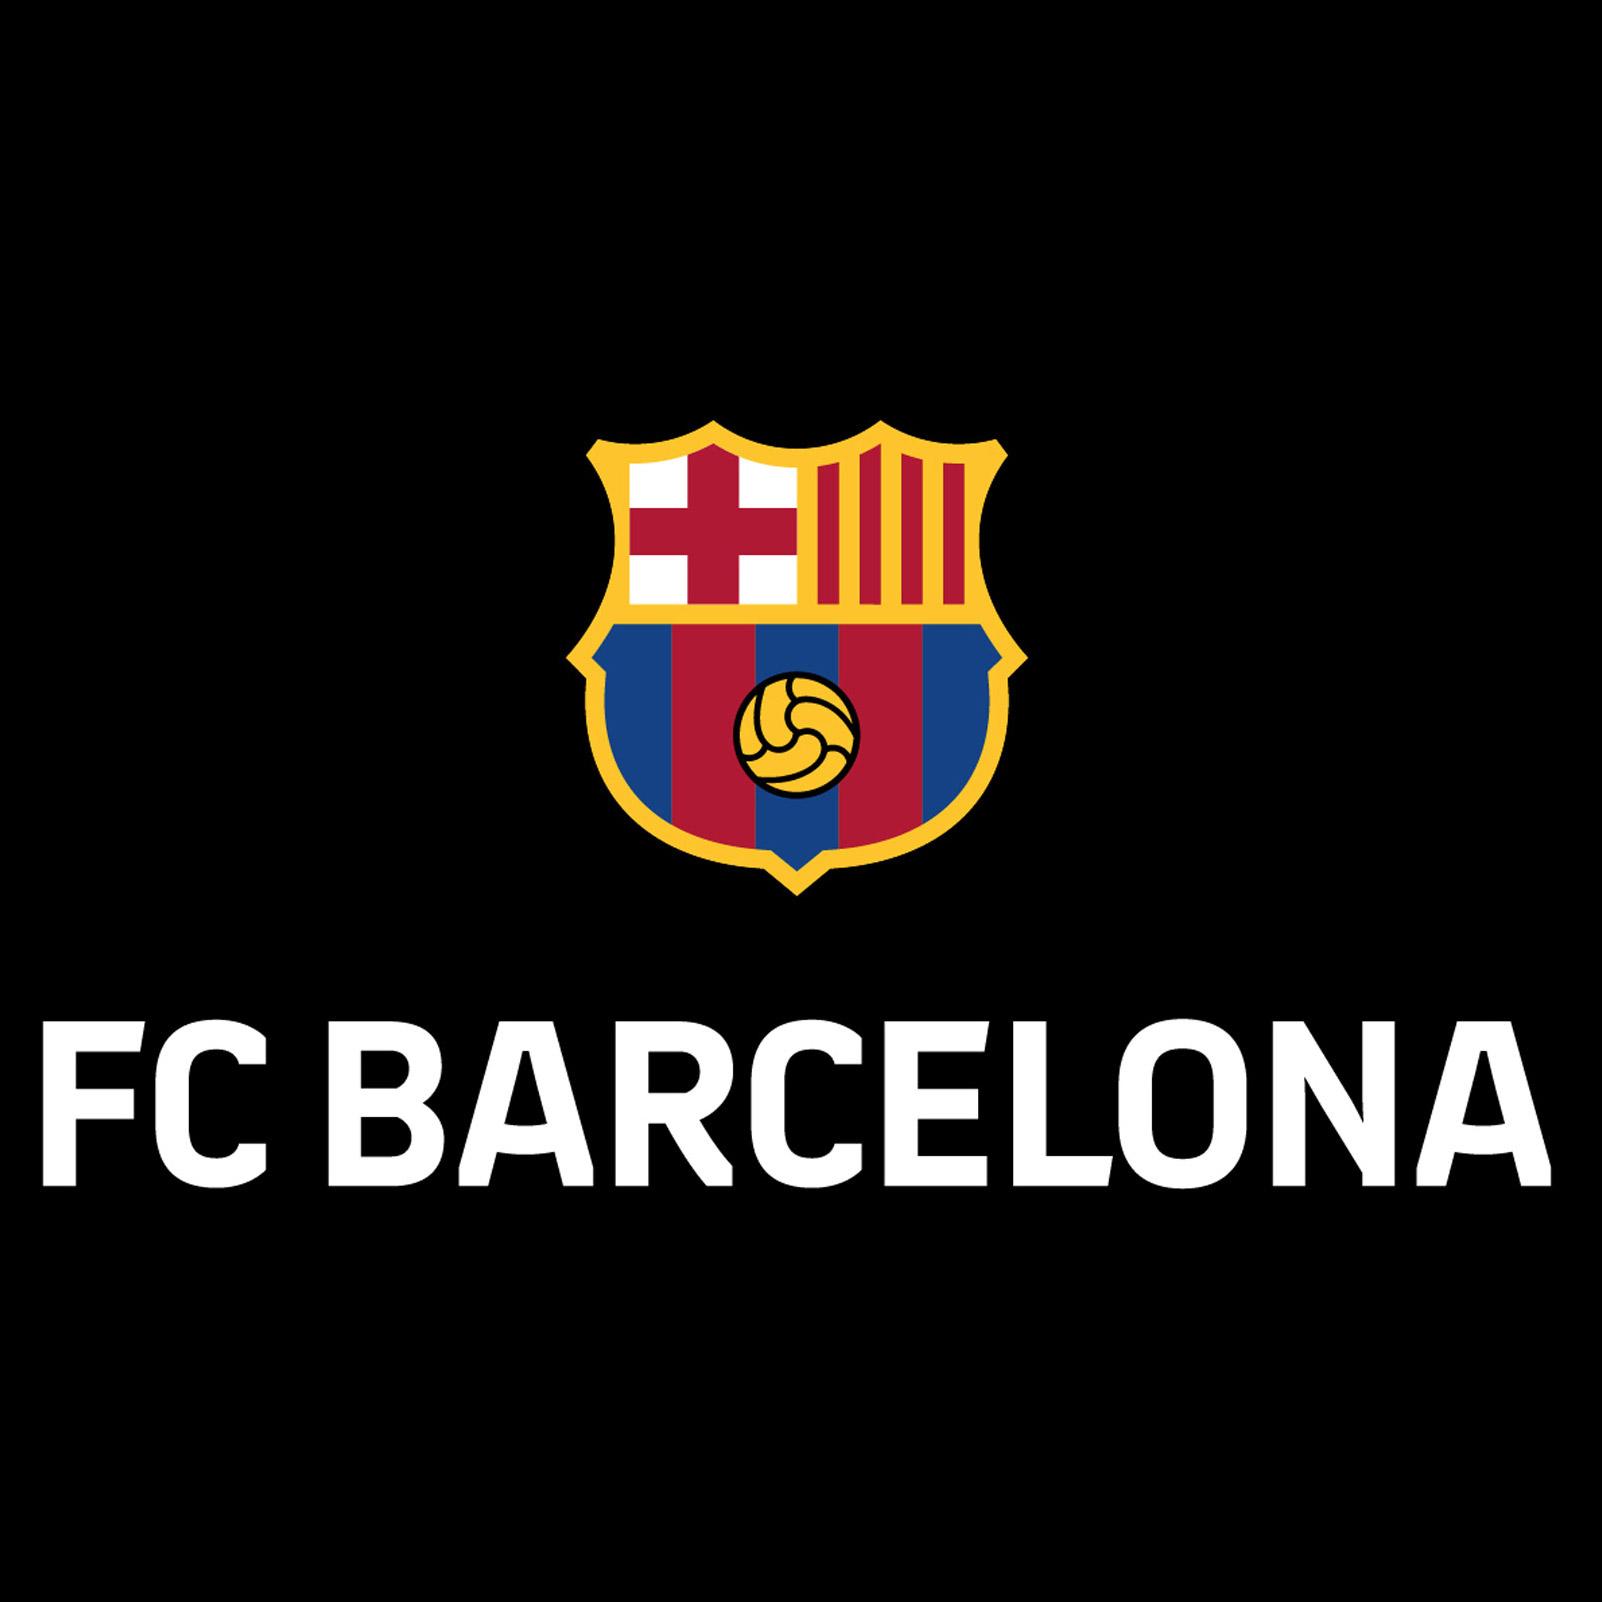 barcelona simplifies crest to